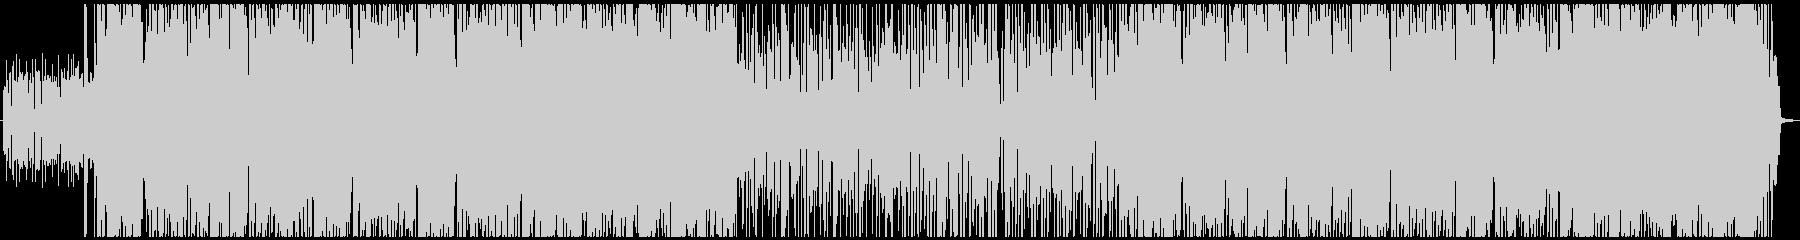 ミドルテンポののギターインストの未再生の波形